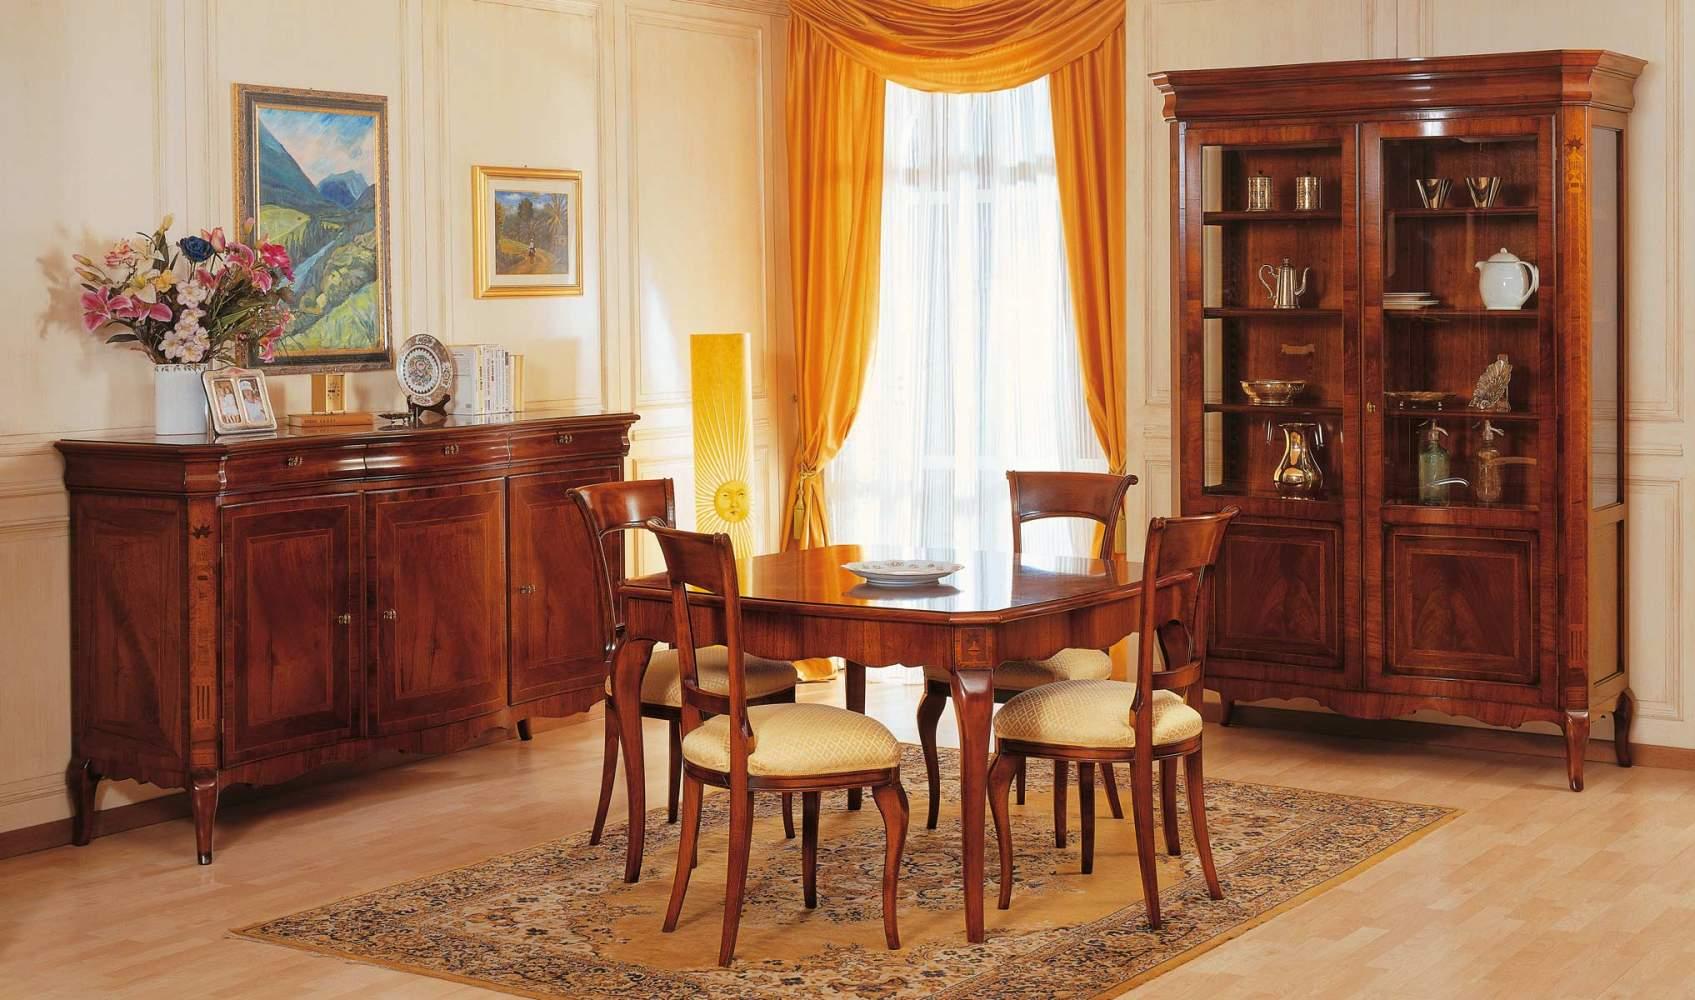 Sala da pranzo in stile 800 francese